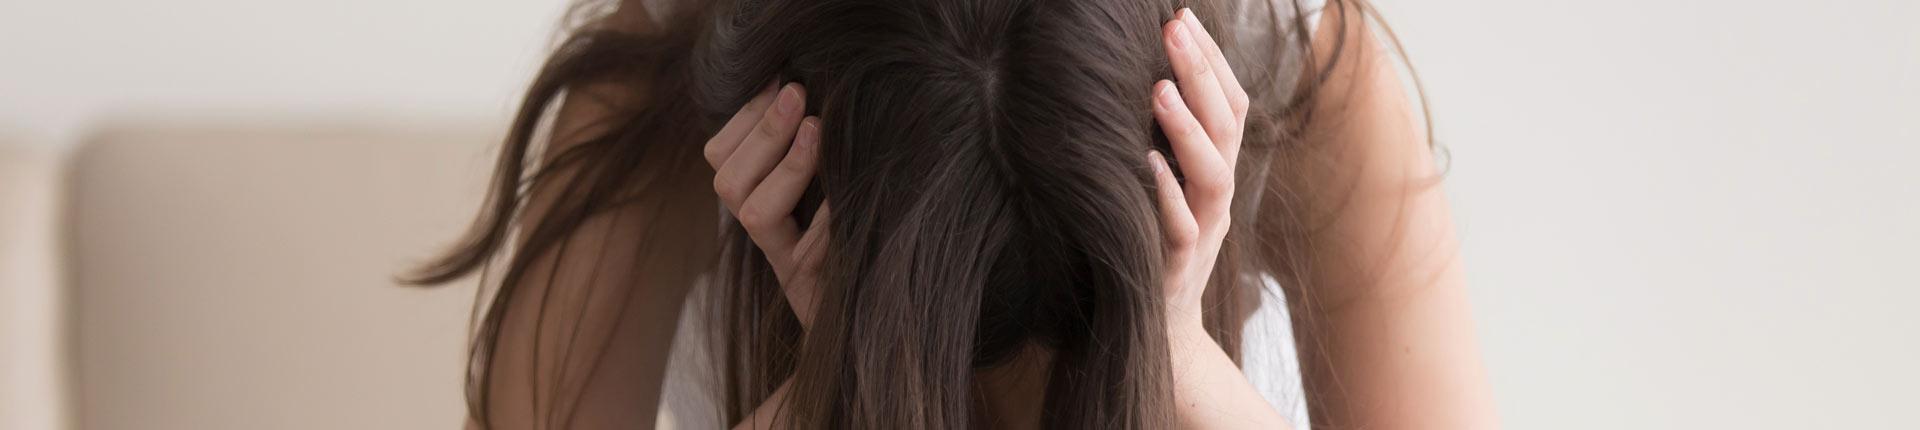 5 składników odżywczych na zły nastrój i depresję